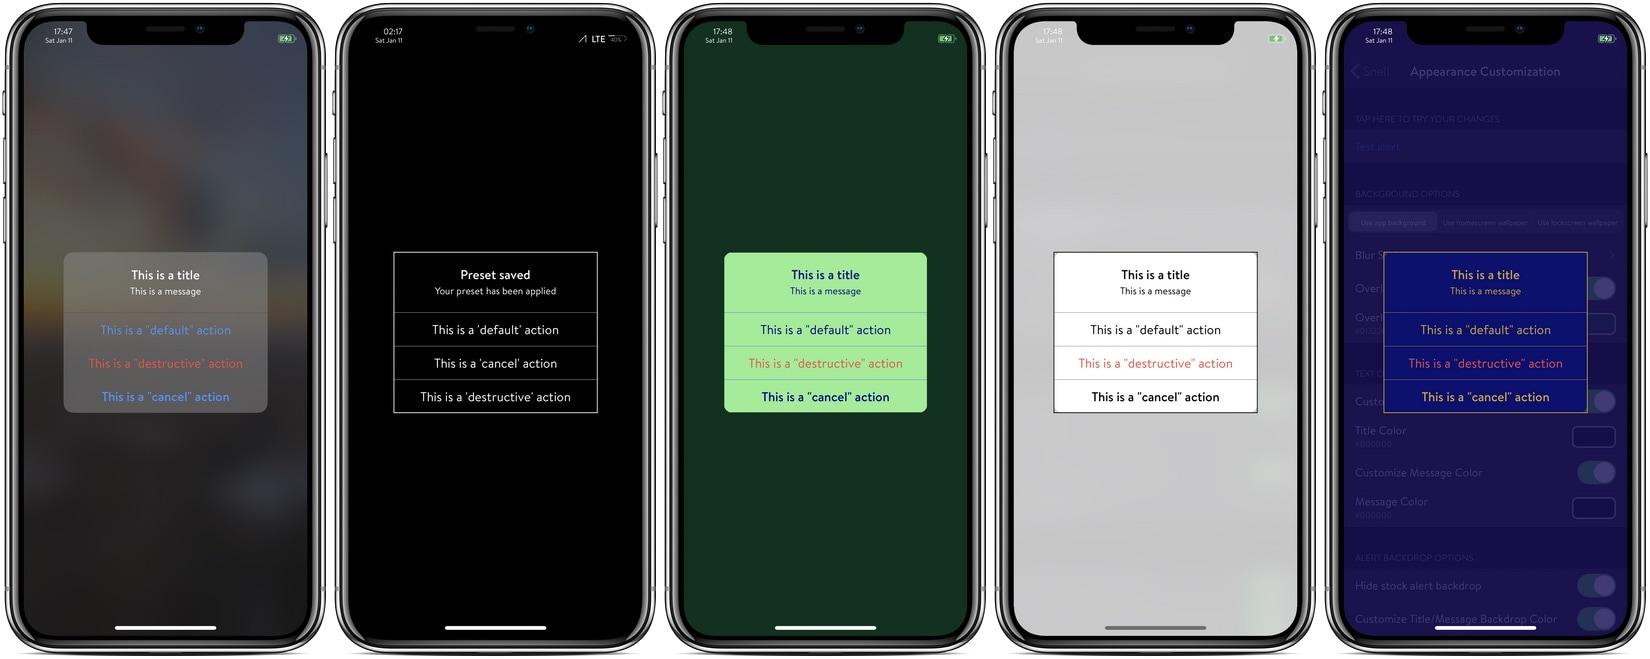 Thêm bất kỳ ký tự nào vào tin nhắn cảnh báo trên iPhone của bạn bằng Snell 1